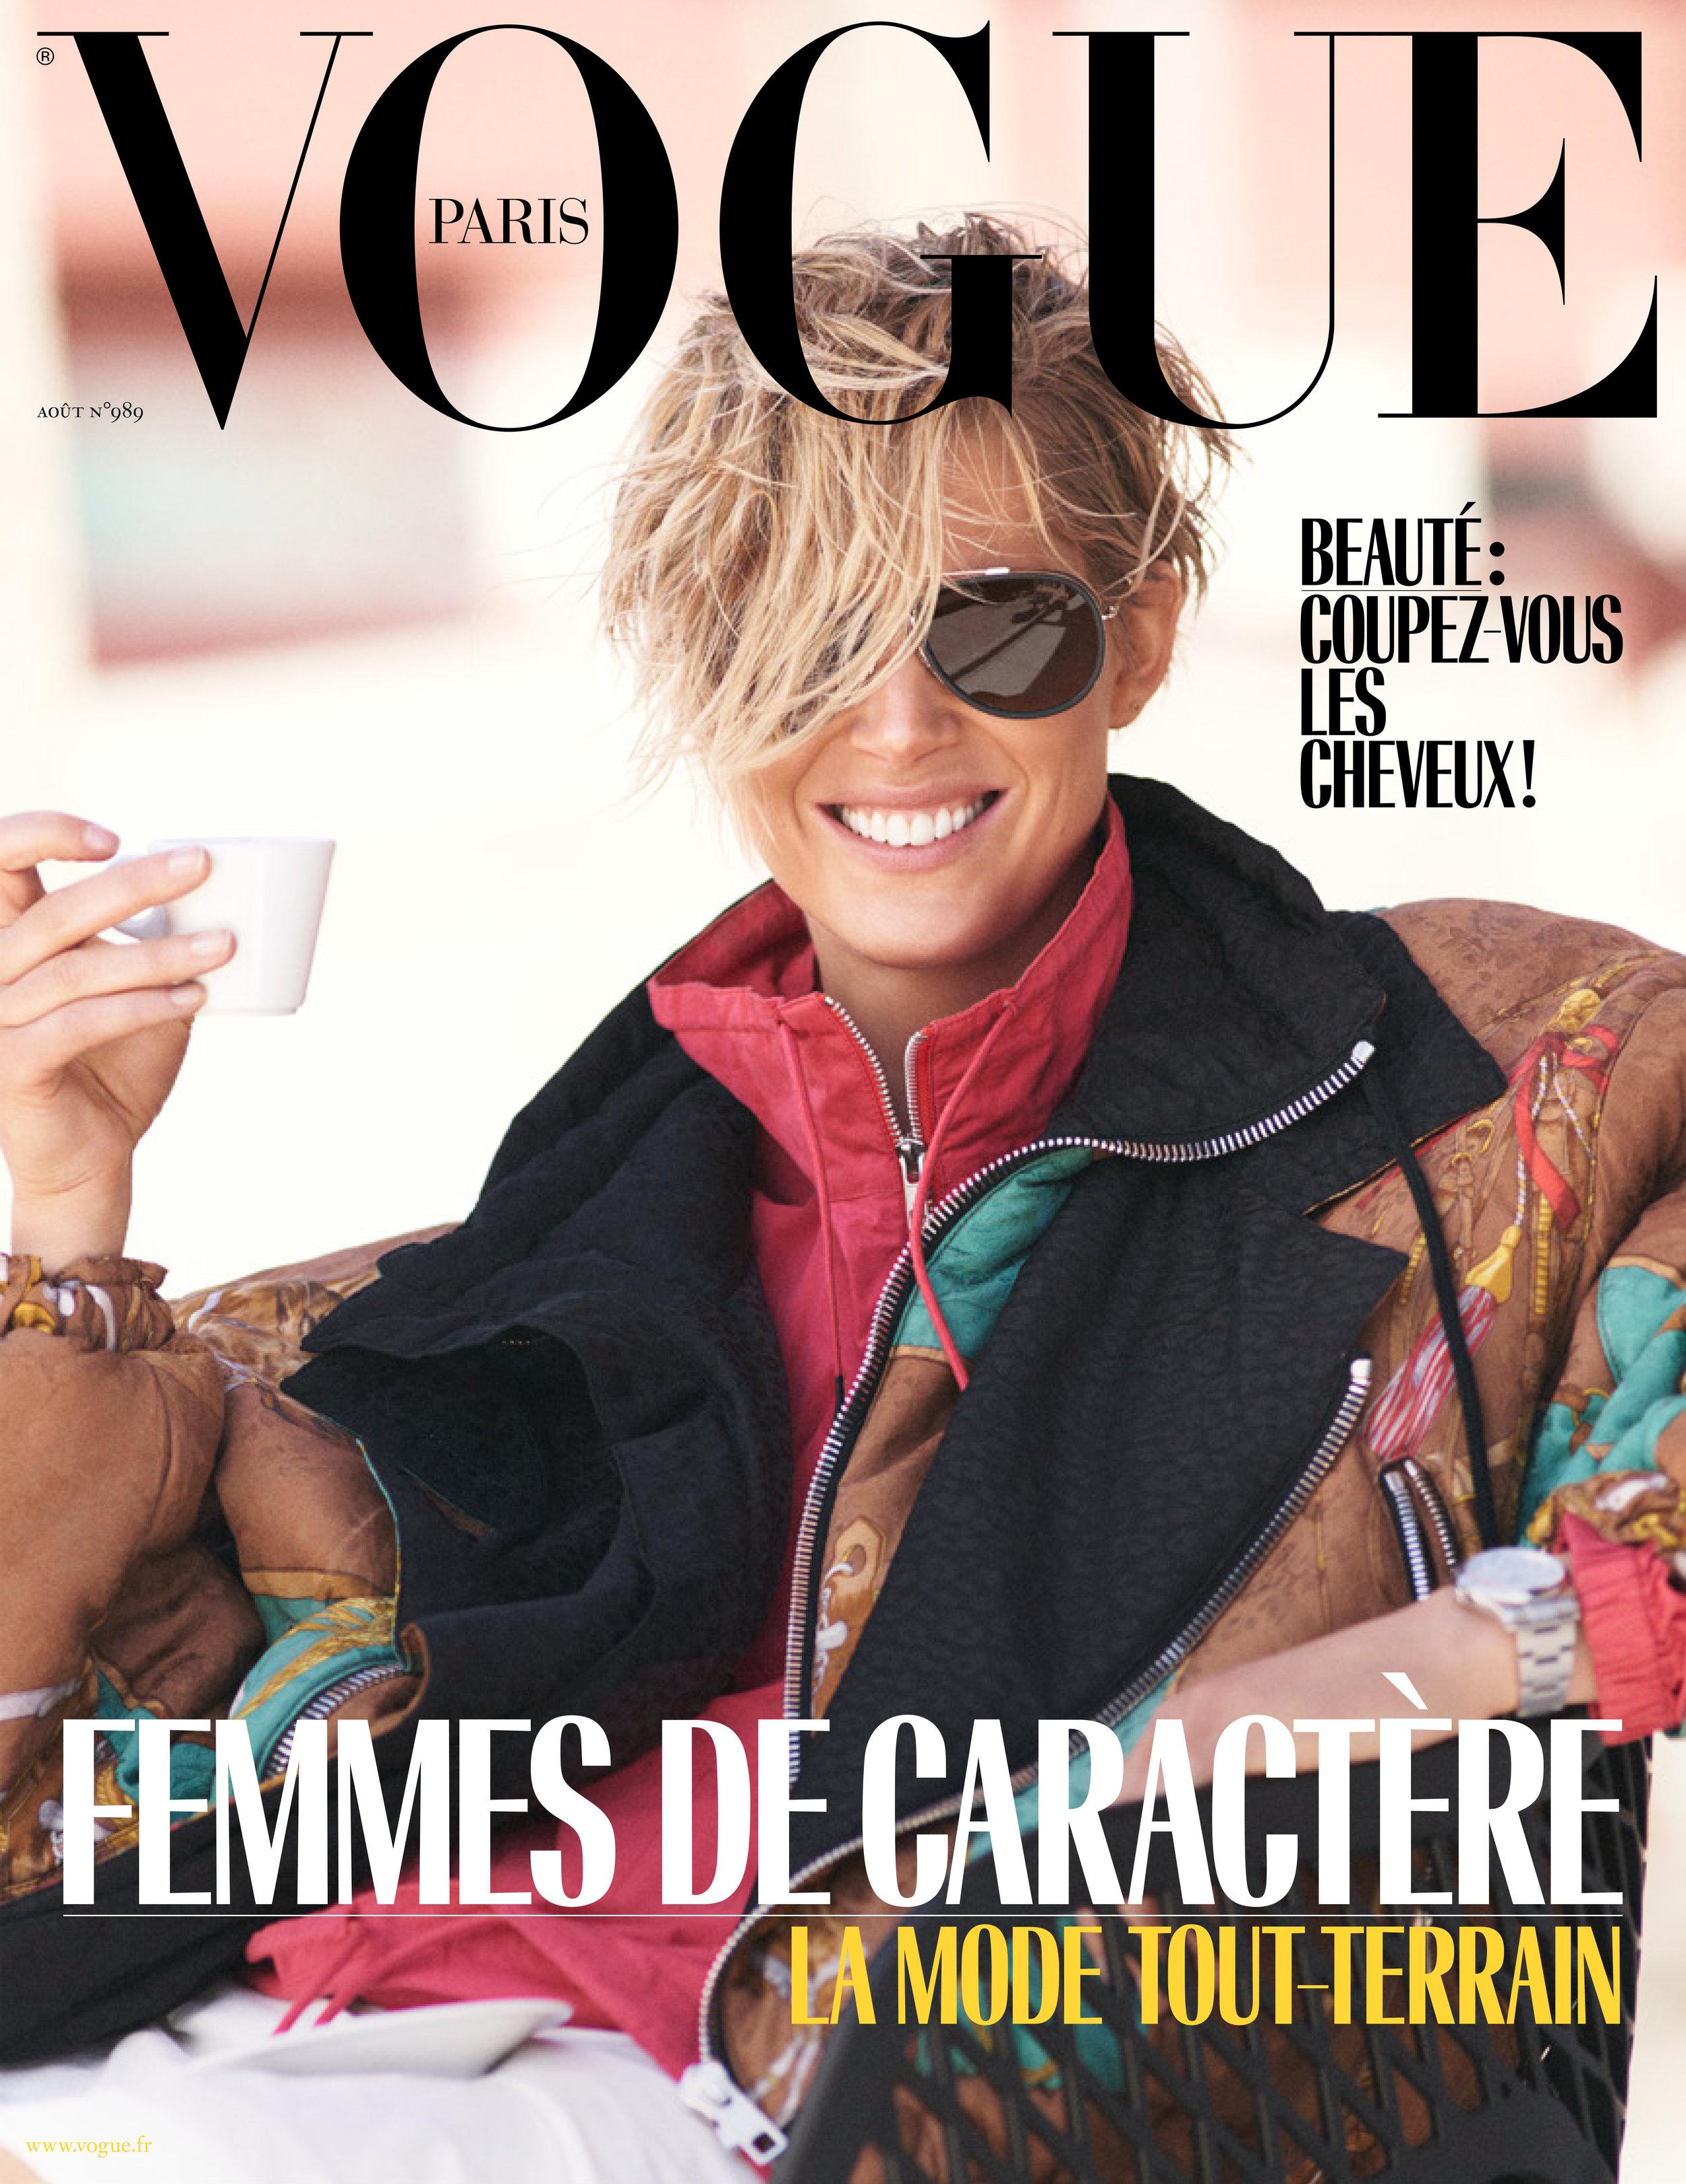 VOGUE989_COVER.jpg